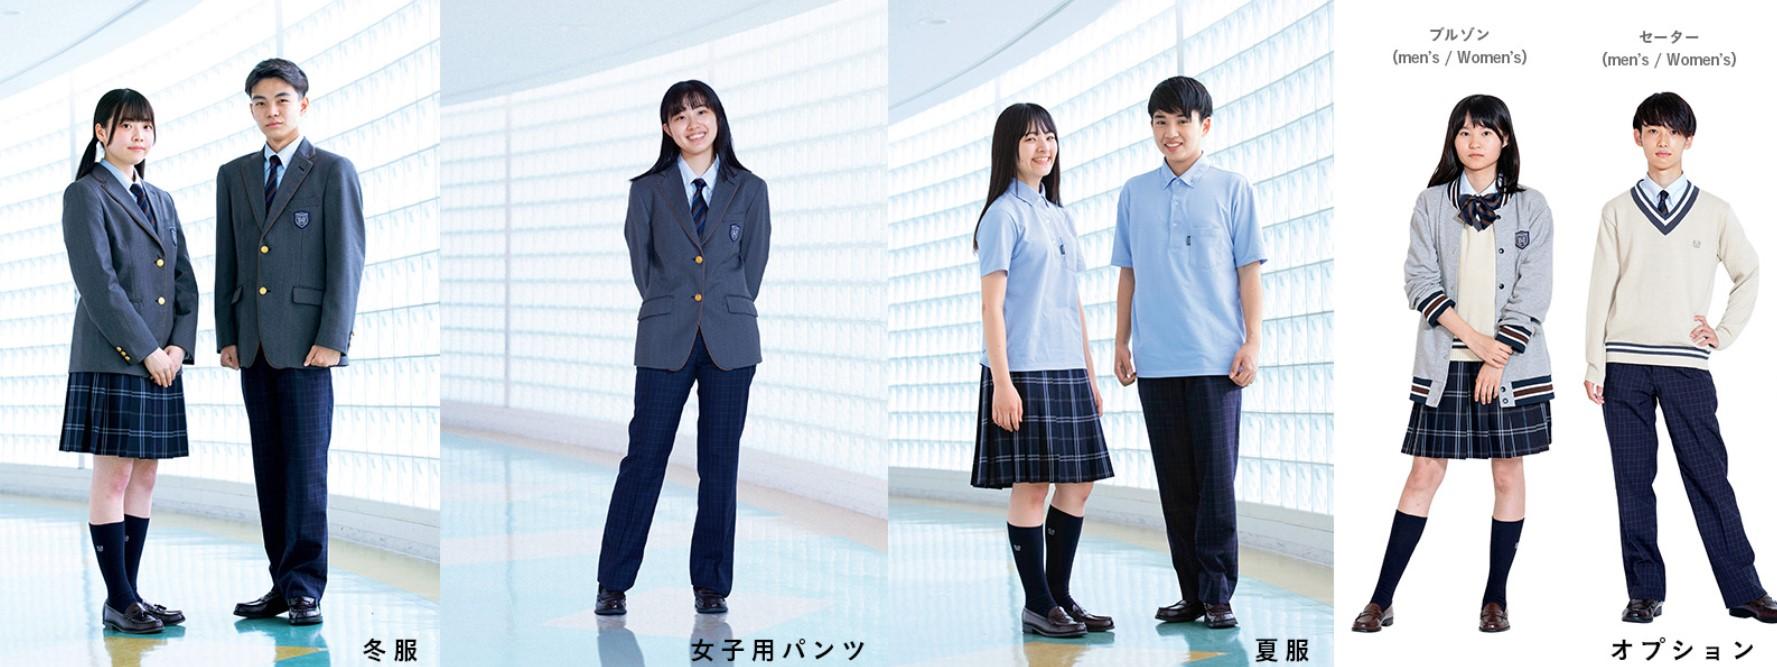 品川翔英高等学校(元:小野学園女子高等学校)の制服